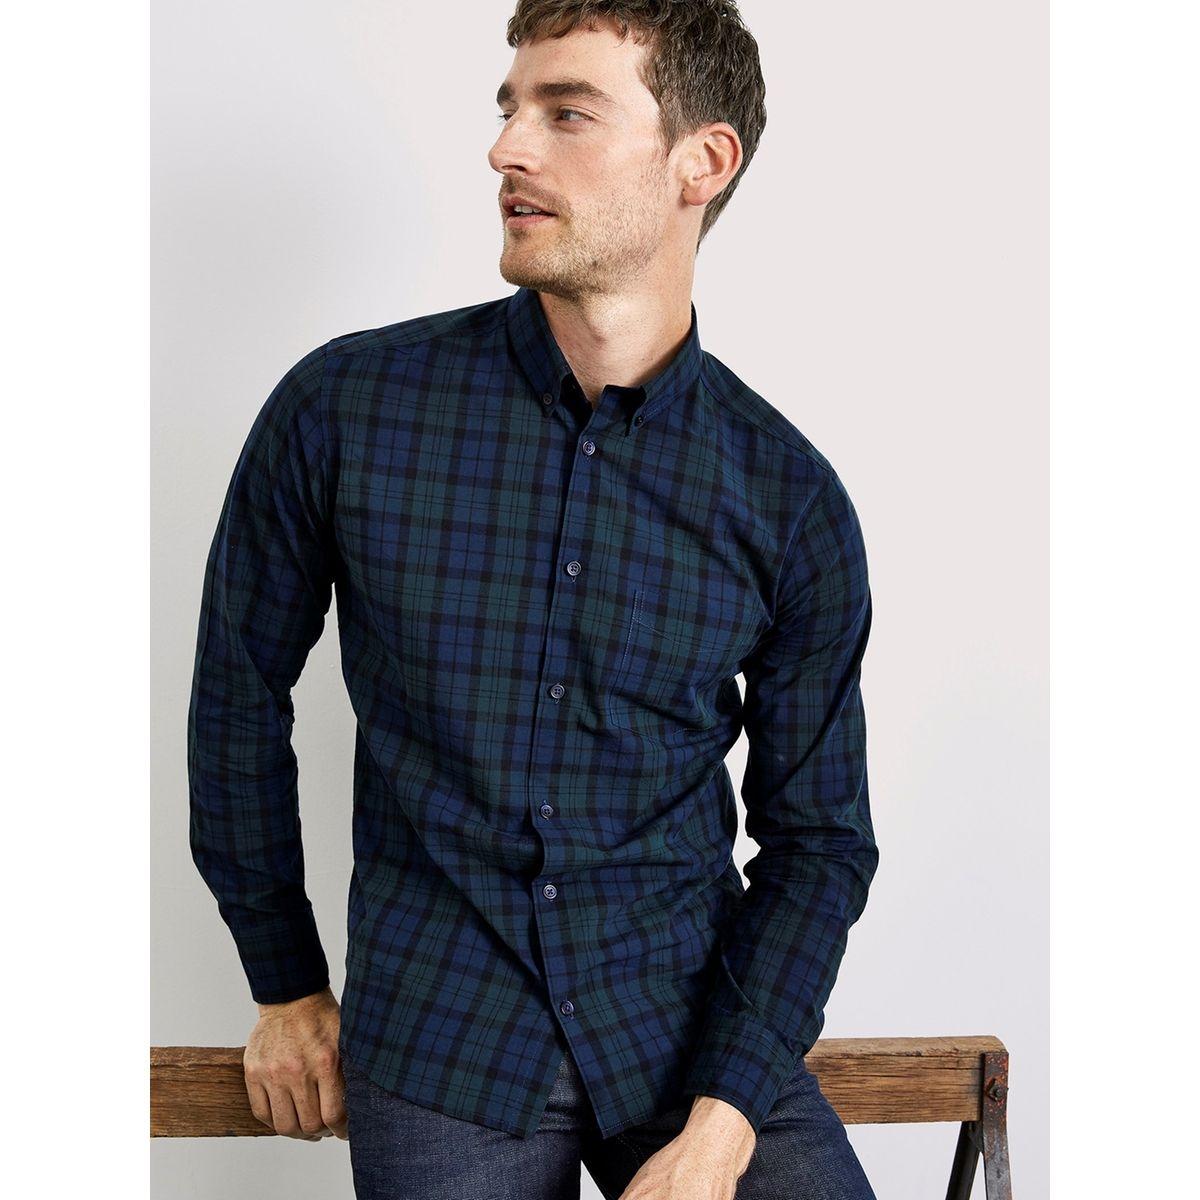 Chemise droite homme à carreaux